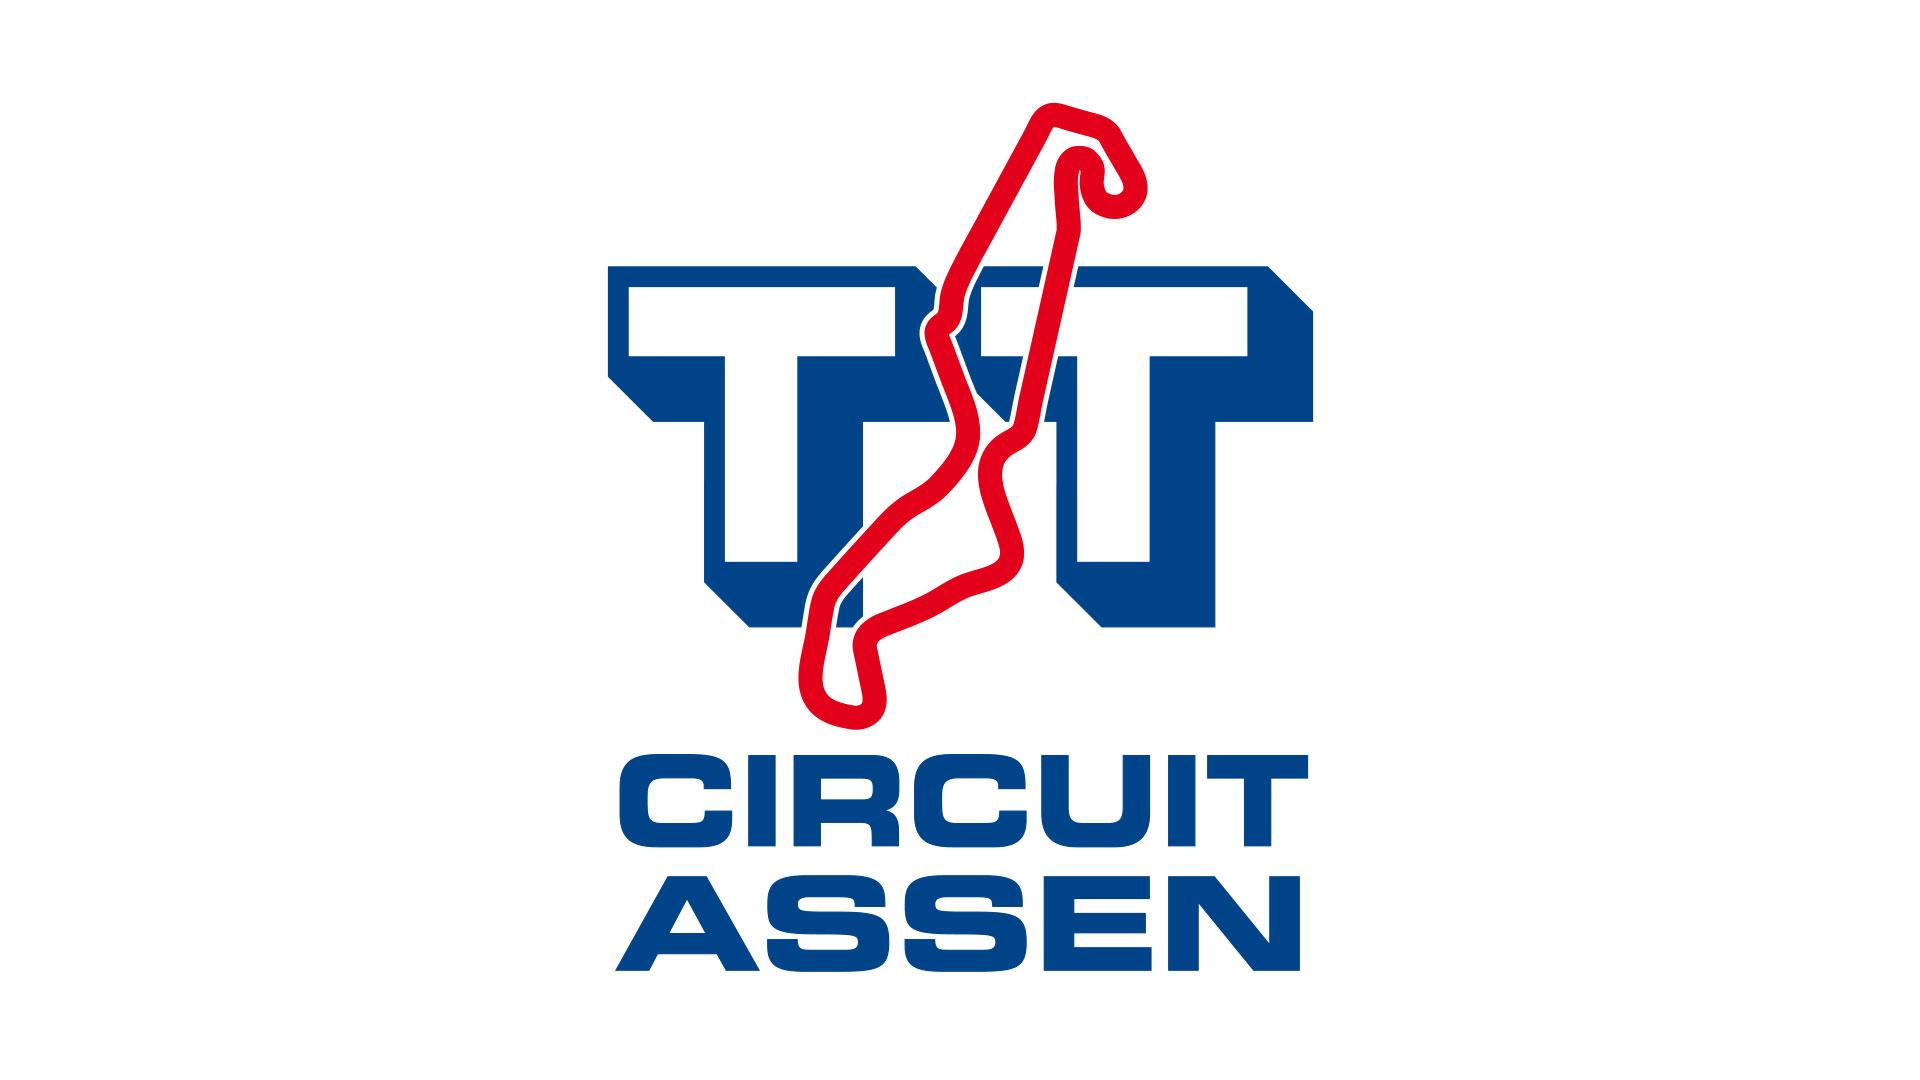 TT Circuit Assen 13.08. – 15.08.2021